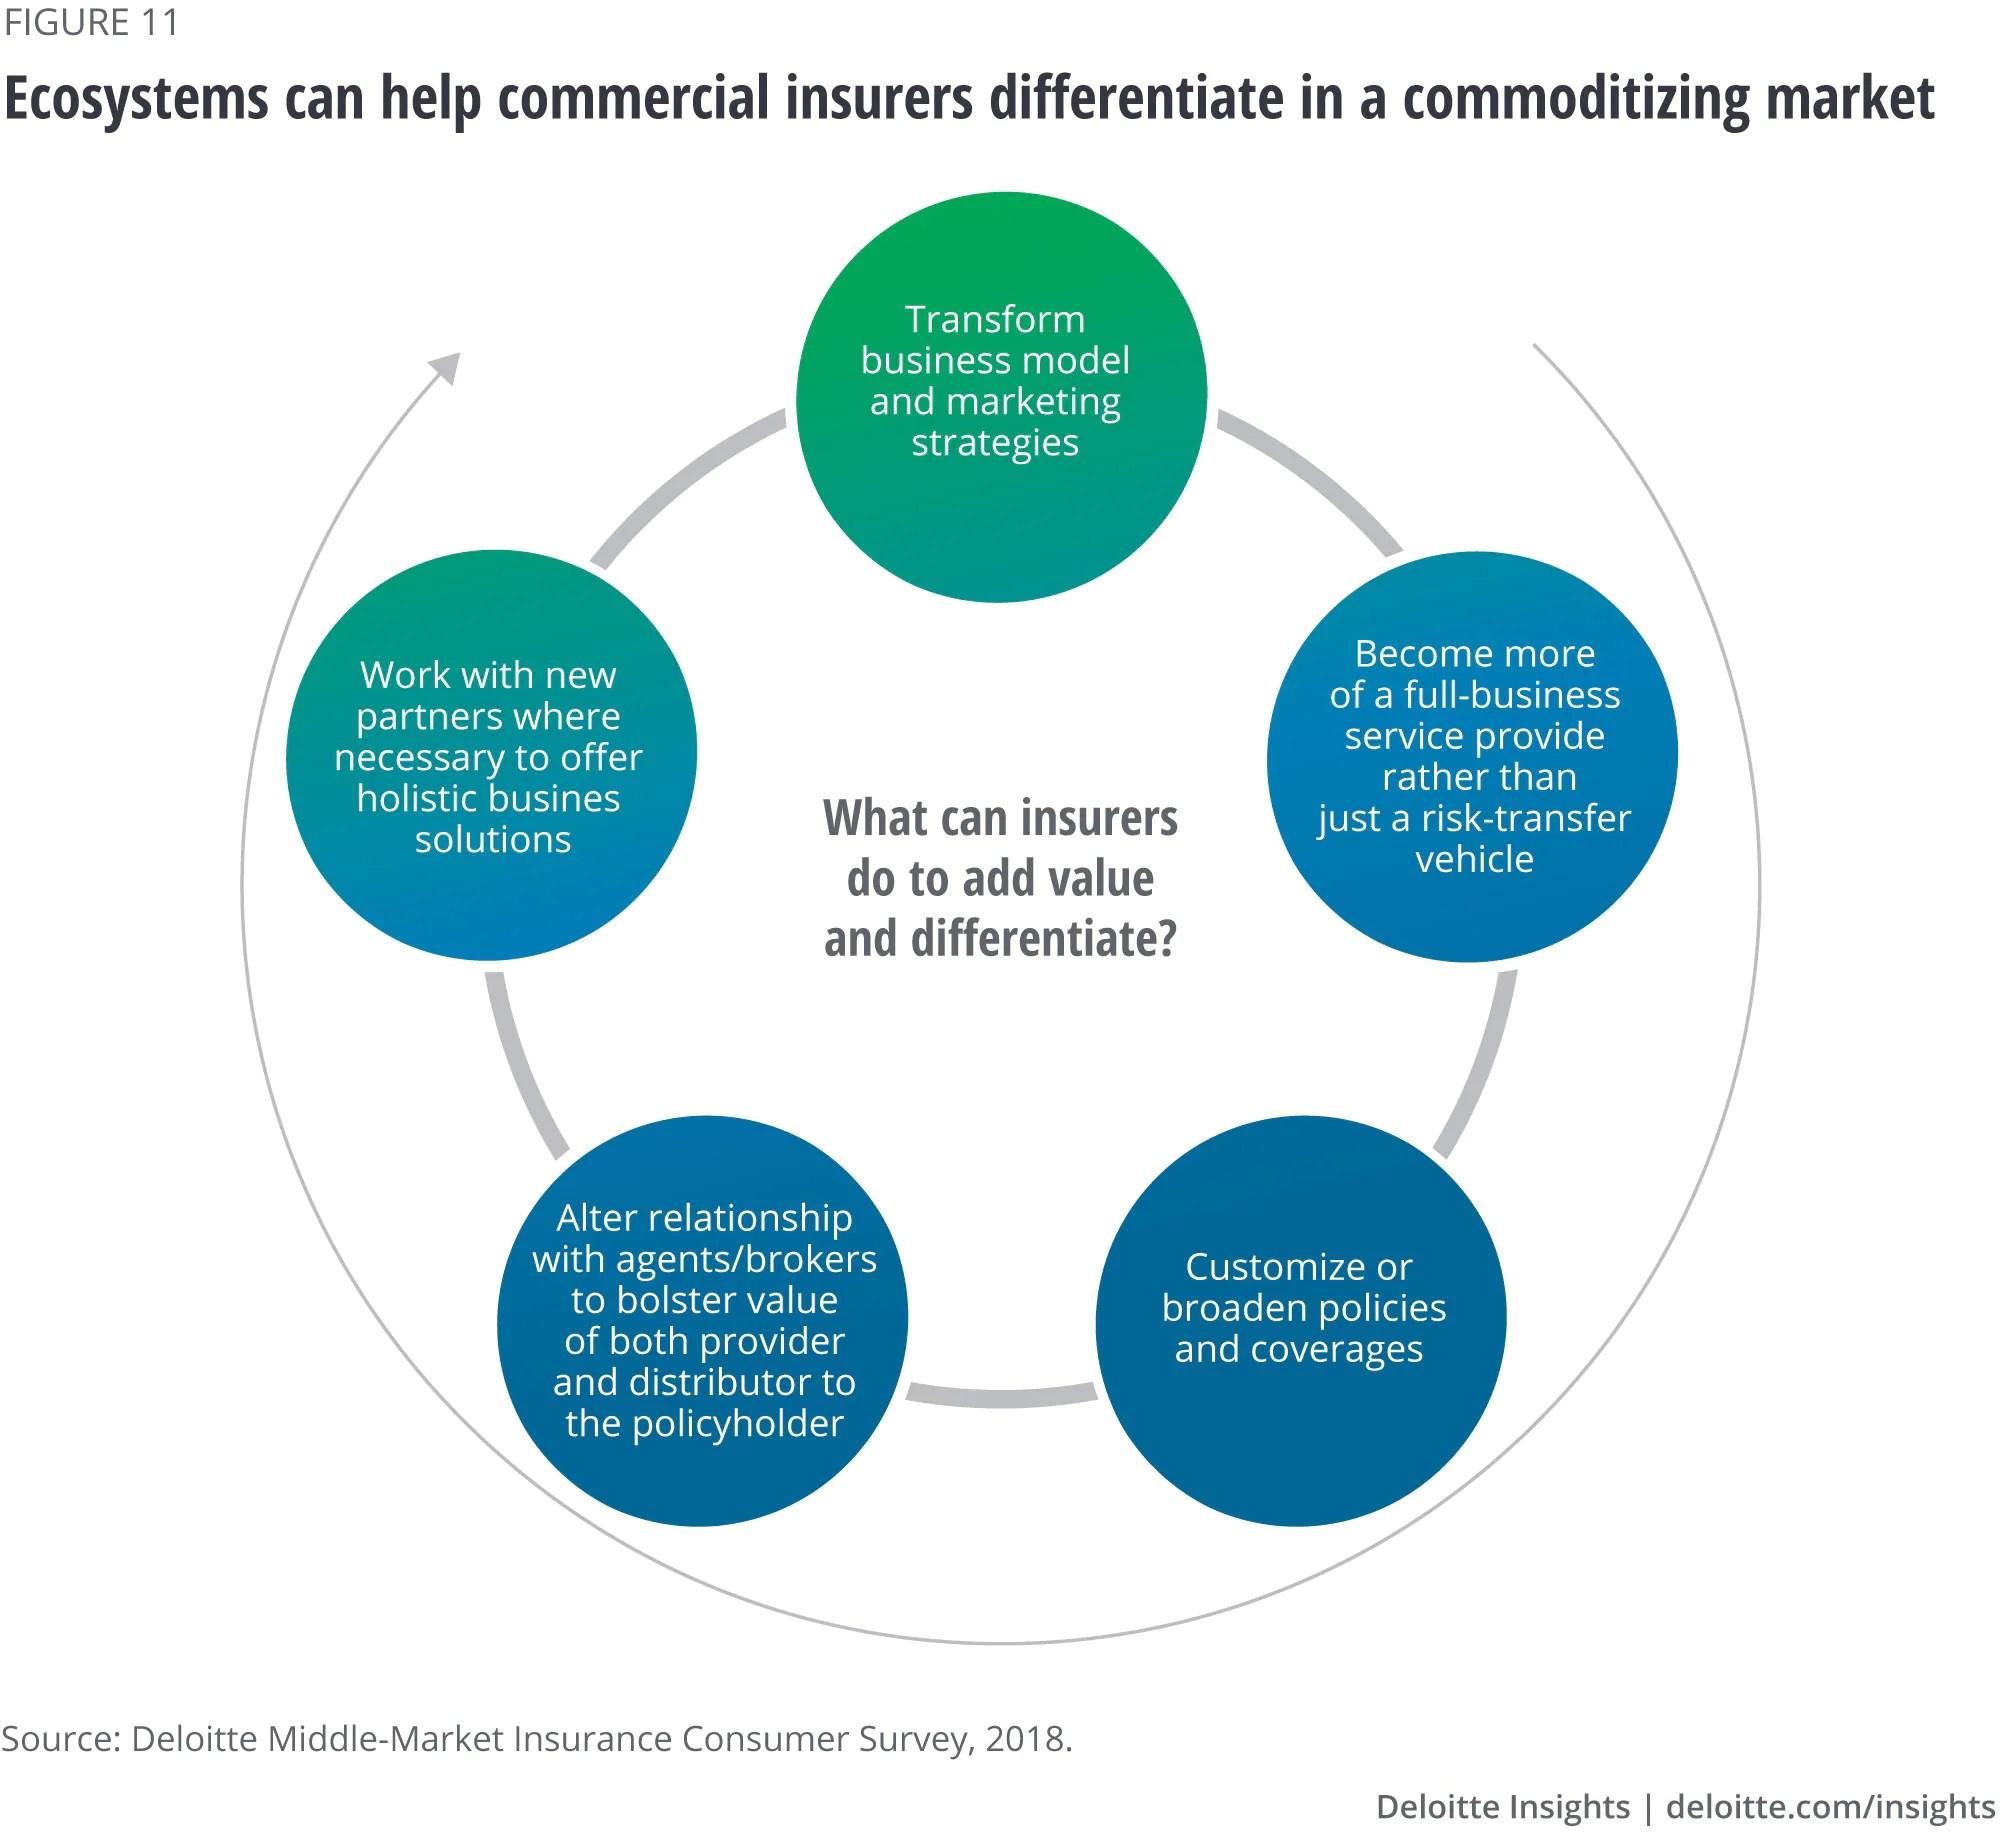 2020 insurance industry outlook   Deloitte Insights